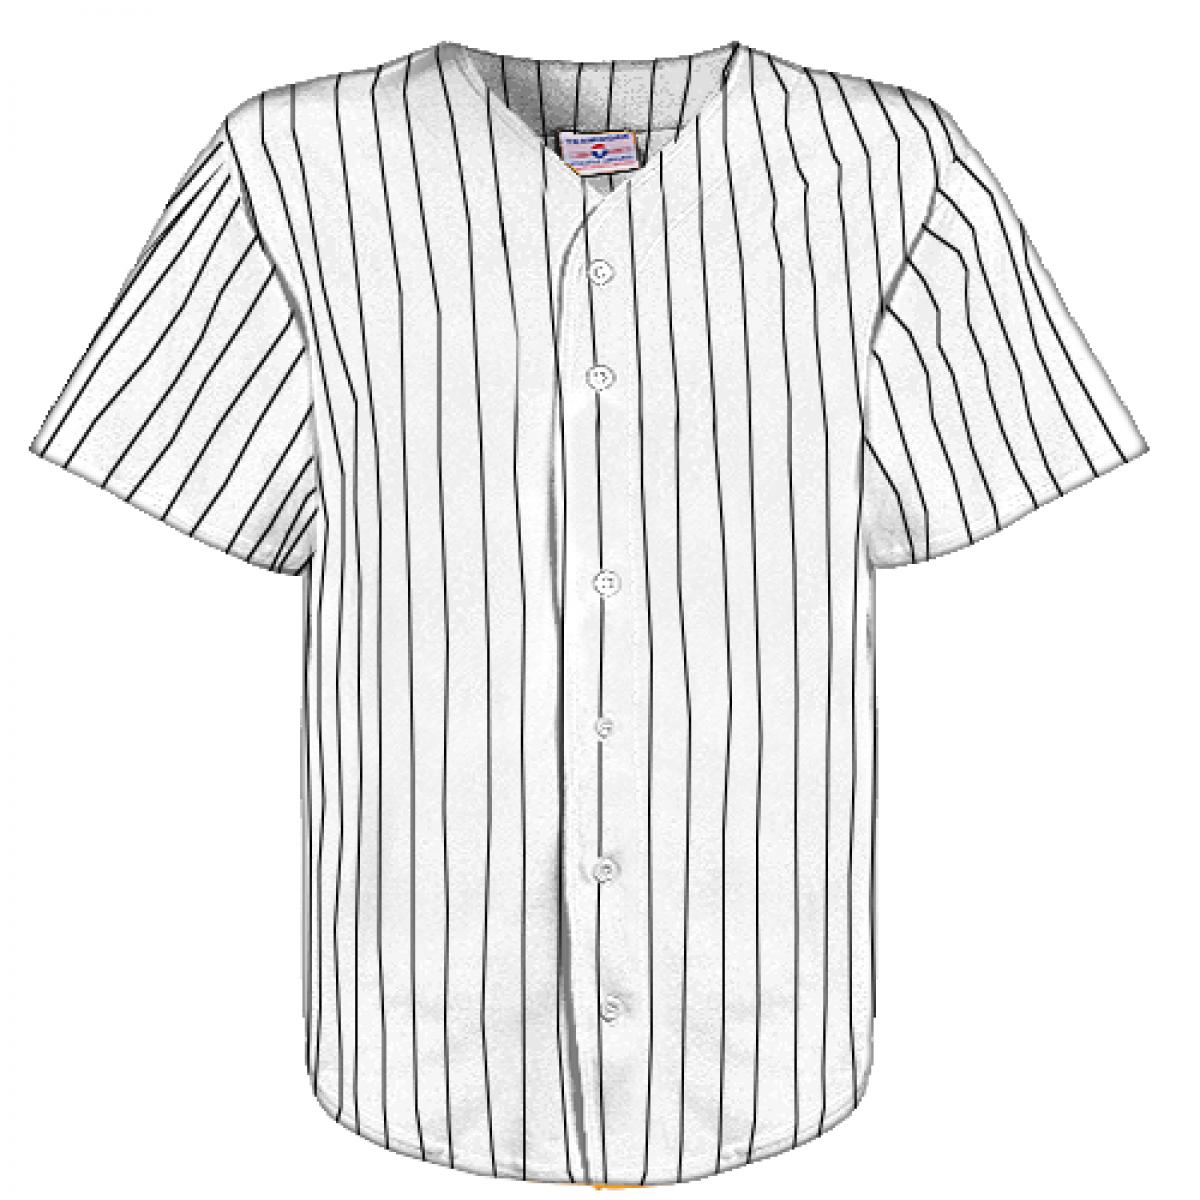 Pinstripe Baseball Jersey Png & Free Pinstripe Baseball Jersey.png.